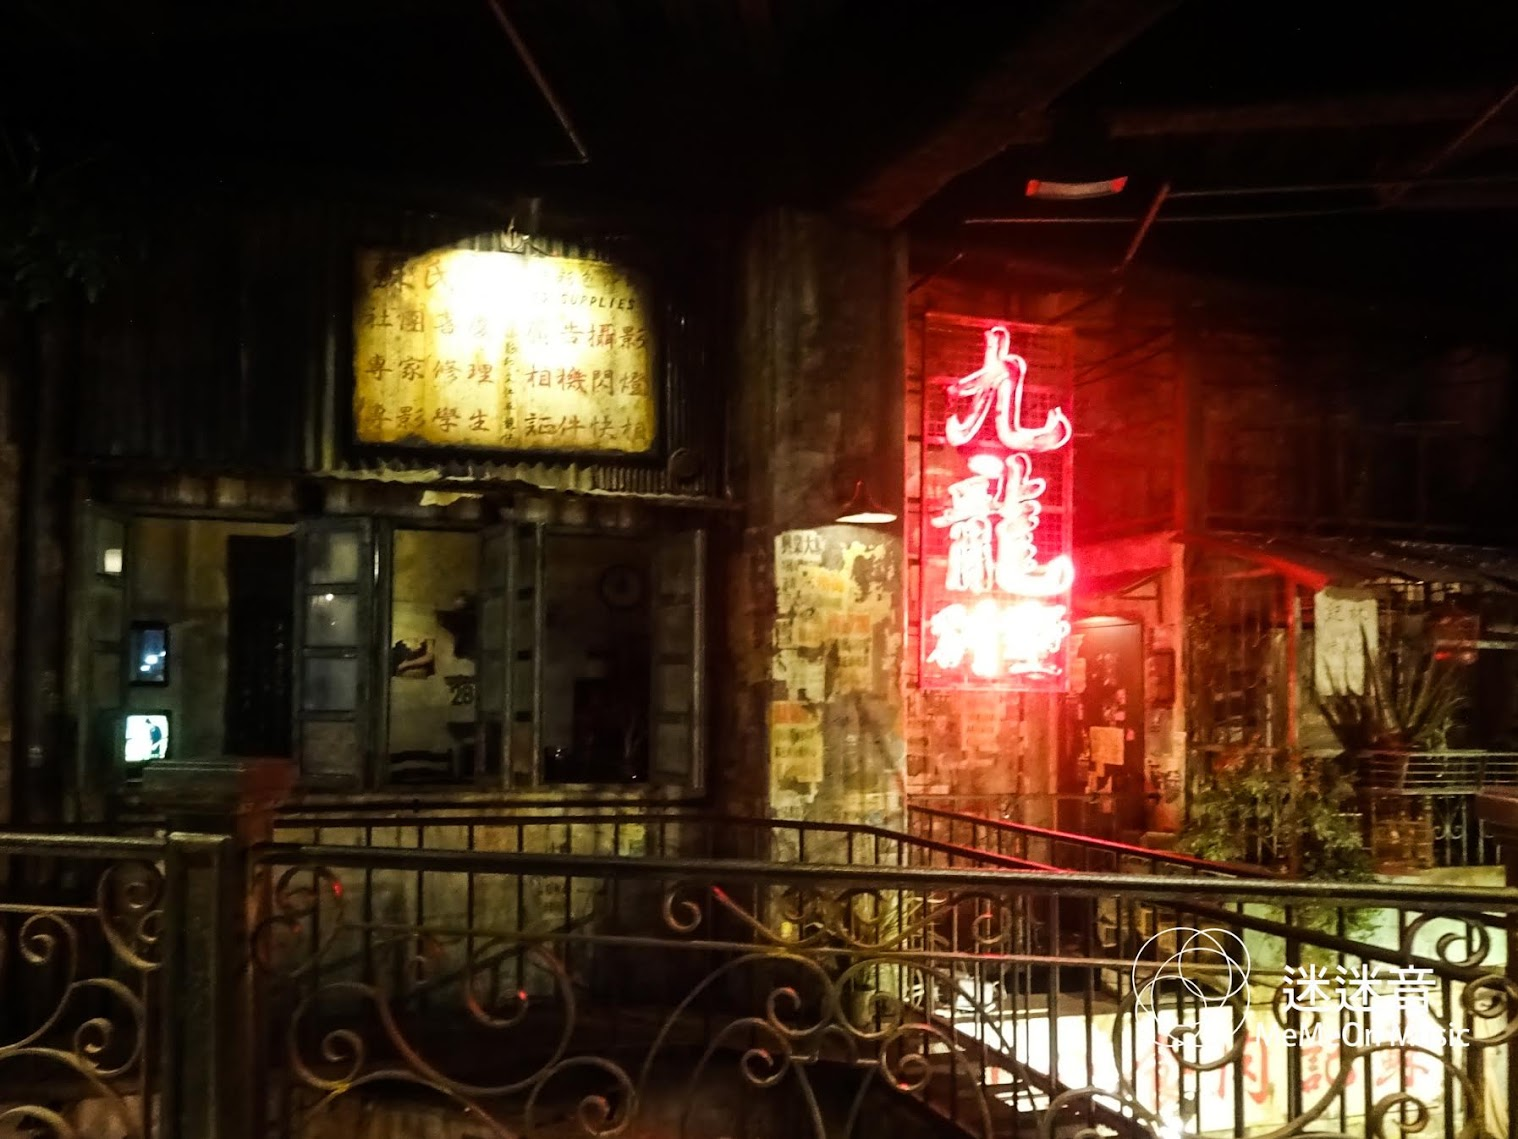 [迷迷日本] 欅坂46 、 水曜日のカンパネラ PV聖地 香港魔窟還原度爆表 WAREHOUSE 川崎 電腦九龍城 (11/17即將停業)